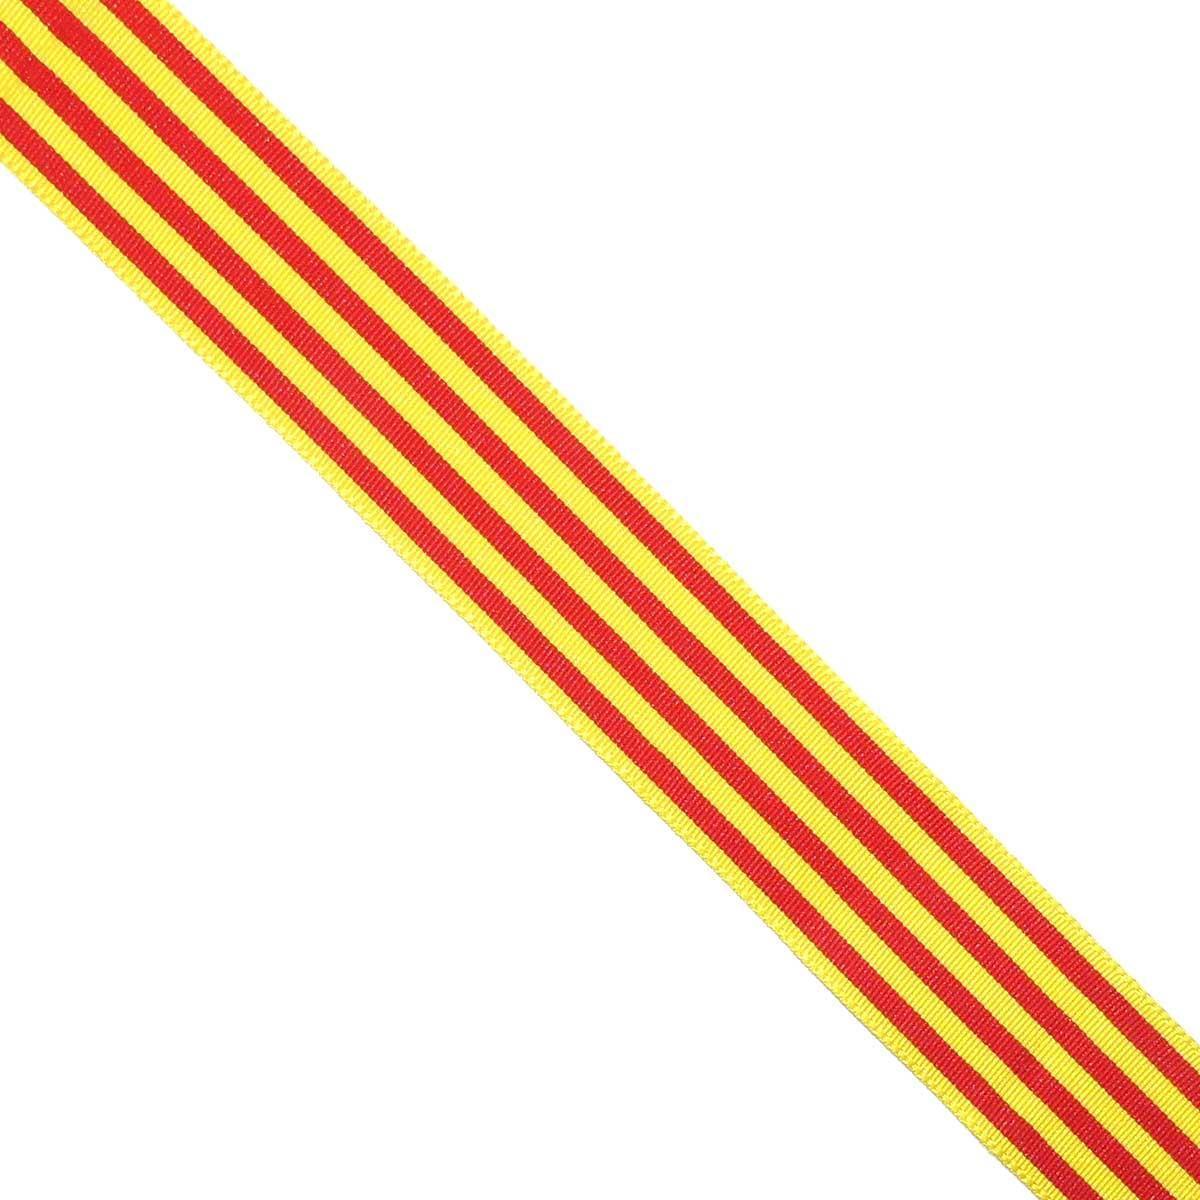 74cc05cbac696 Cinta bandera de Cataluña y Aragón. Varios tamaños